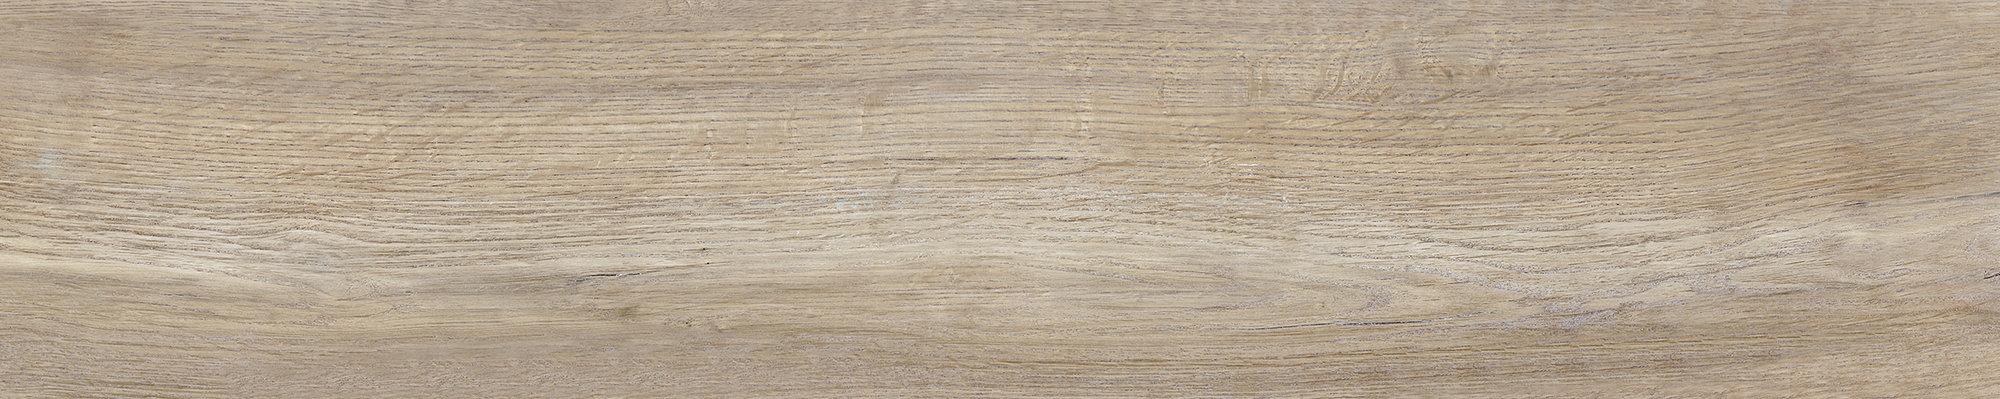 Купить Керамогранит Peronda Boreal Sand (23450) 23x120, Испания